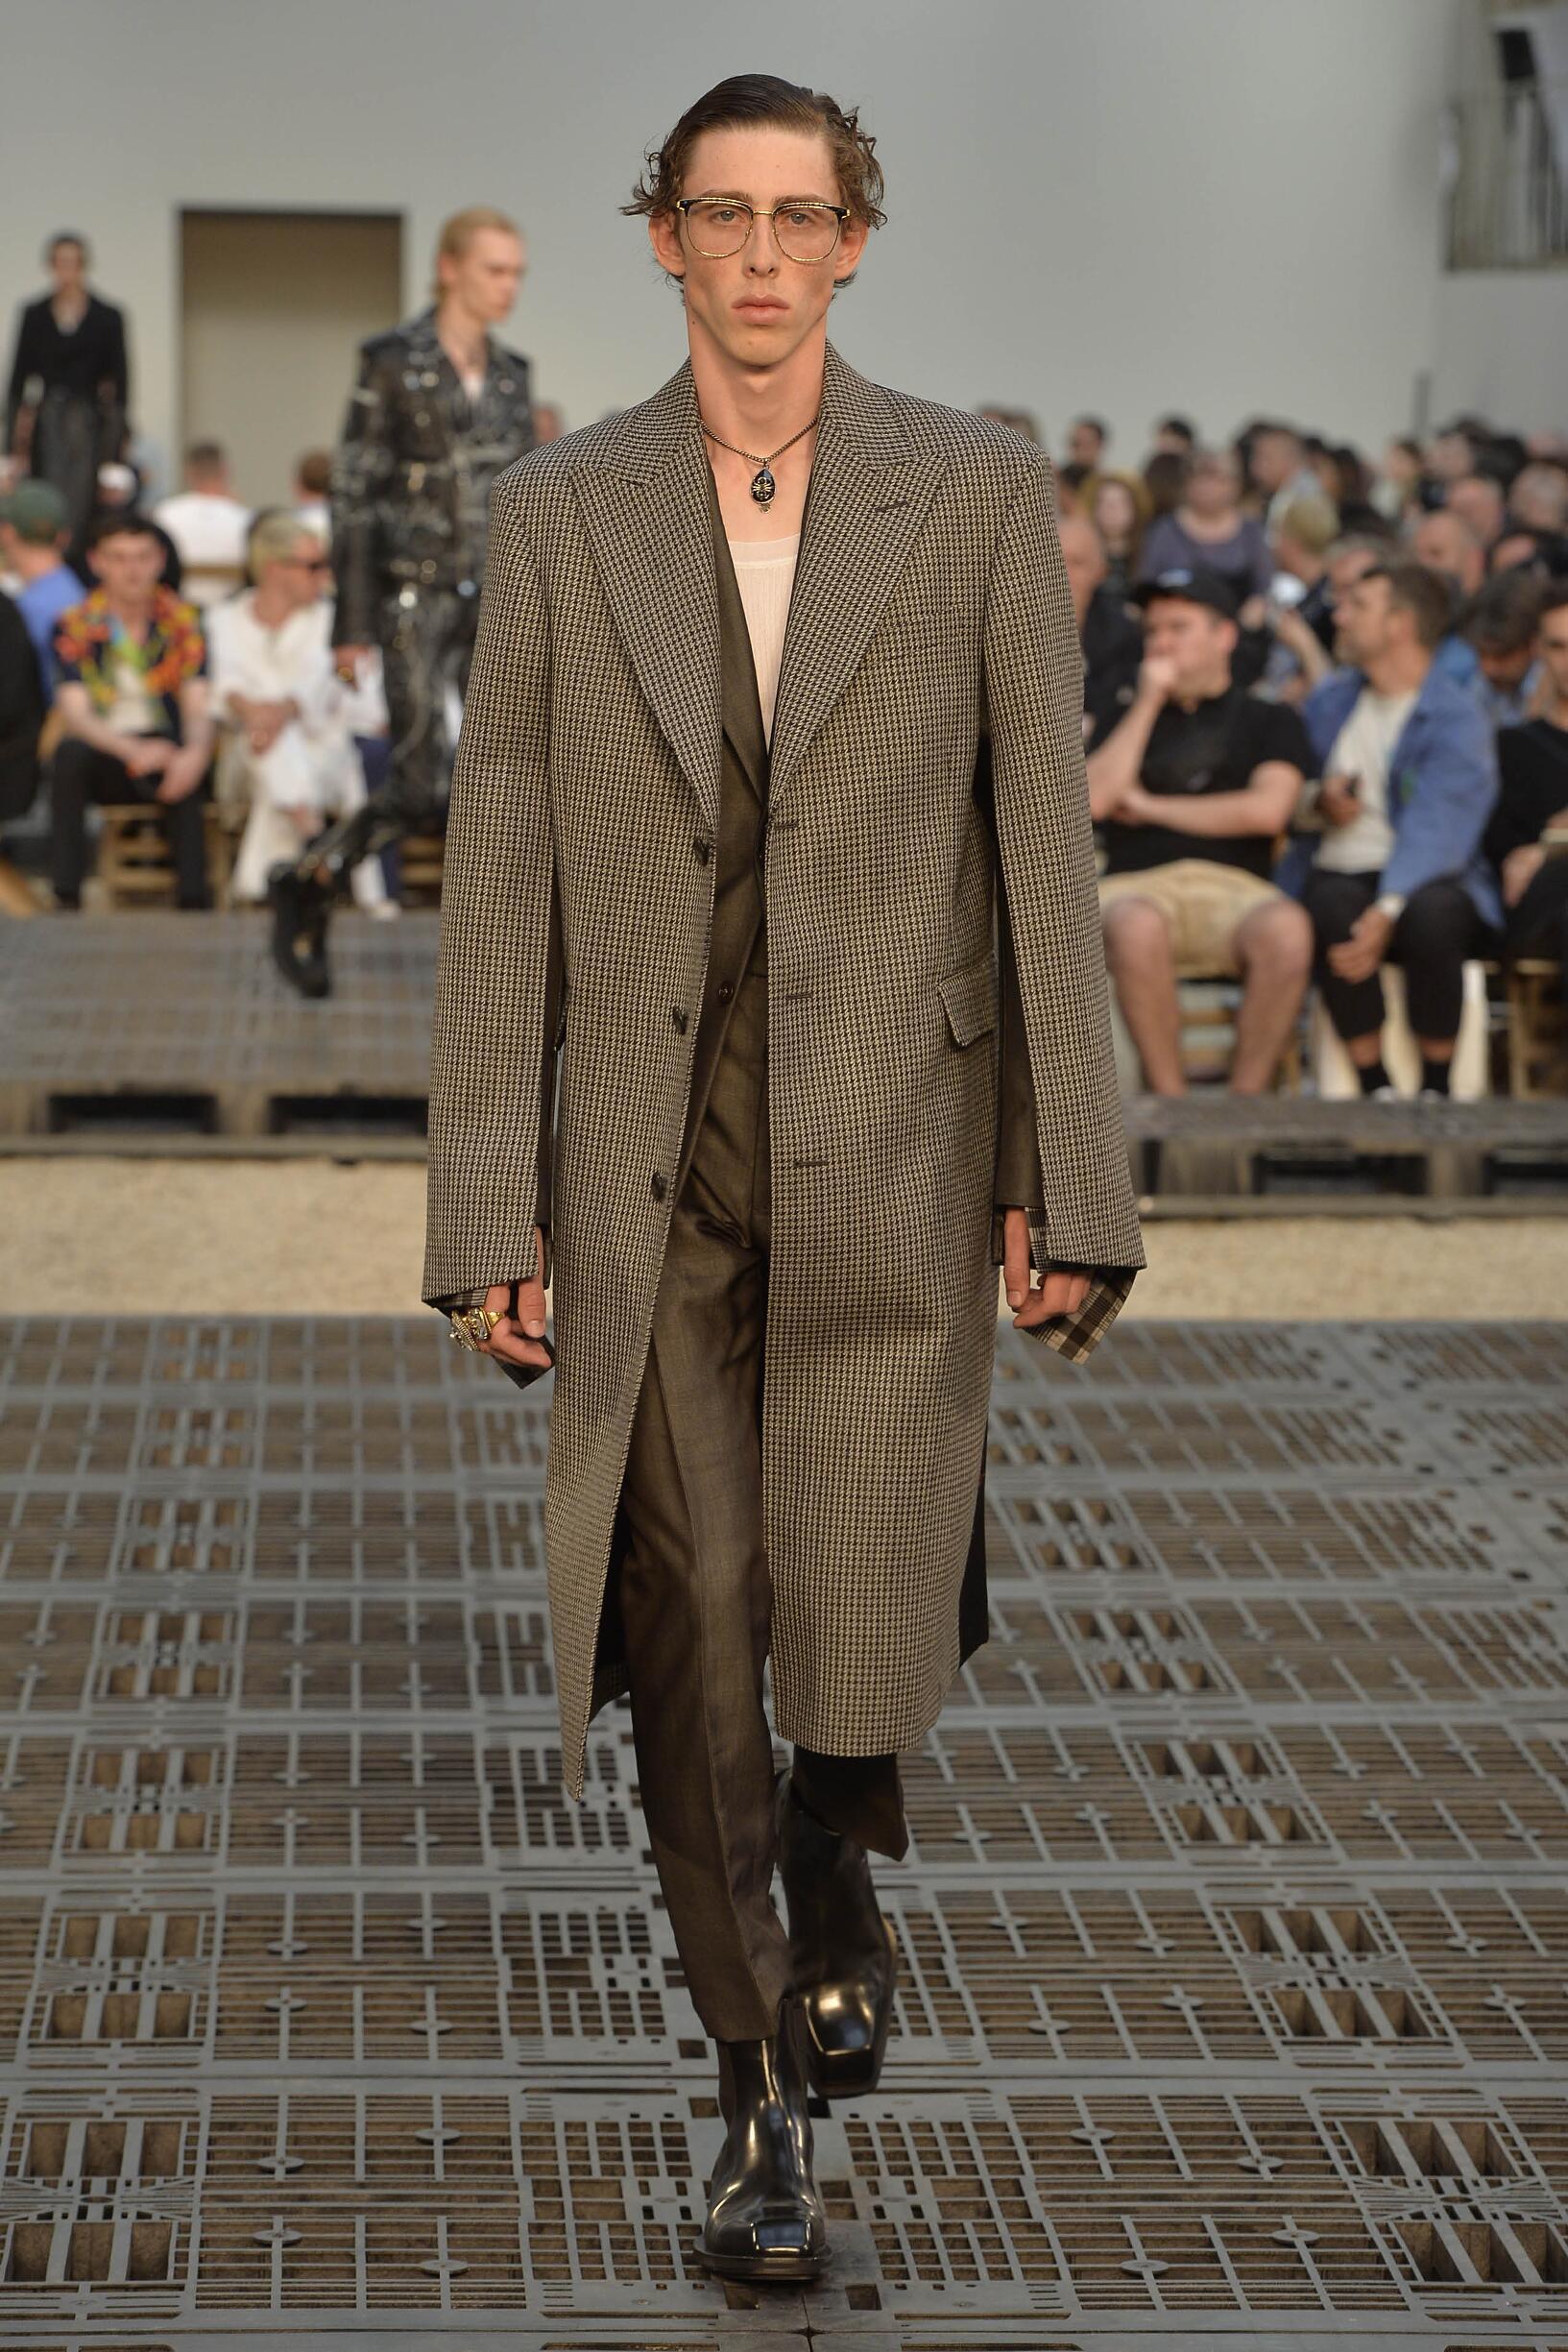 Alexander McQueen SS 2019 Menswear